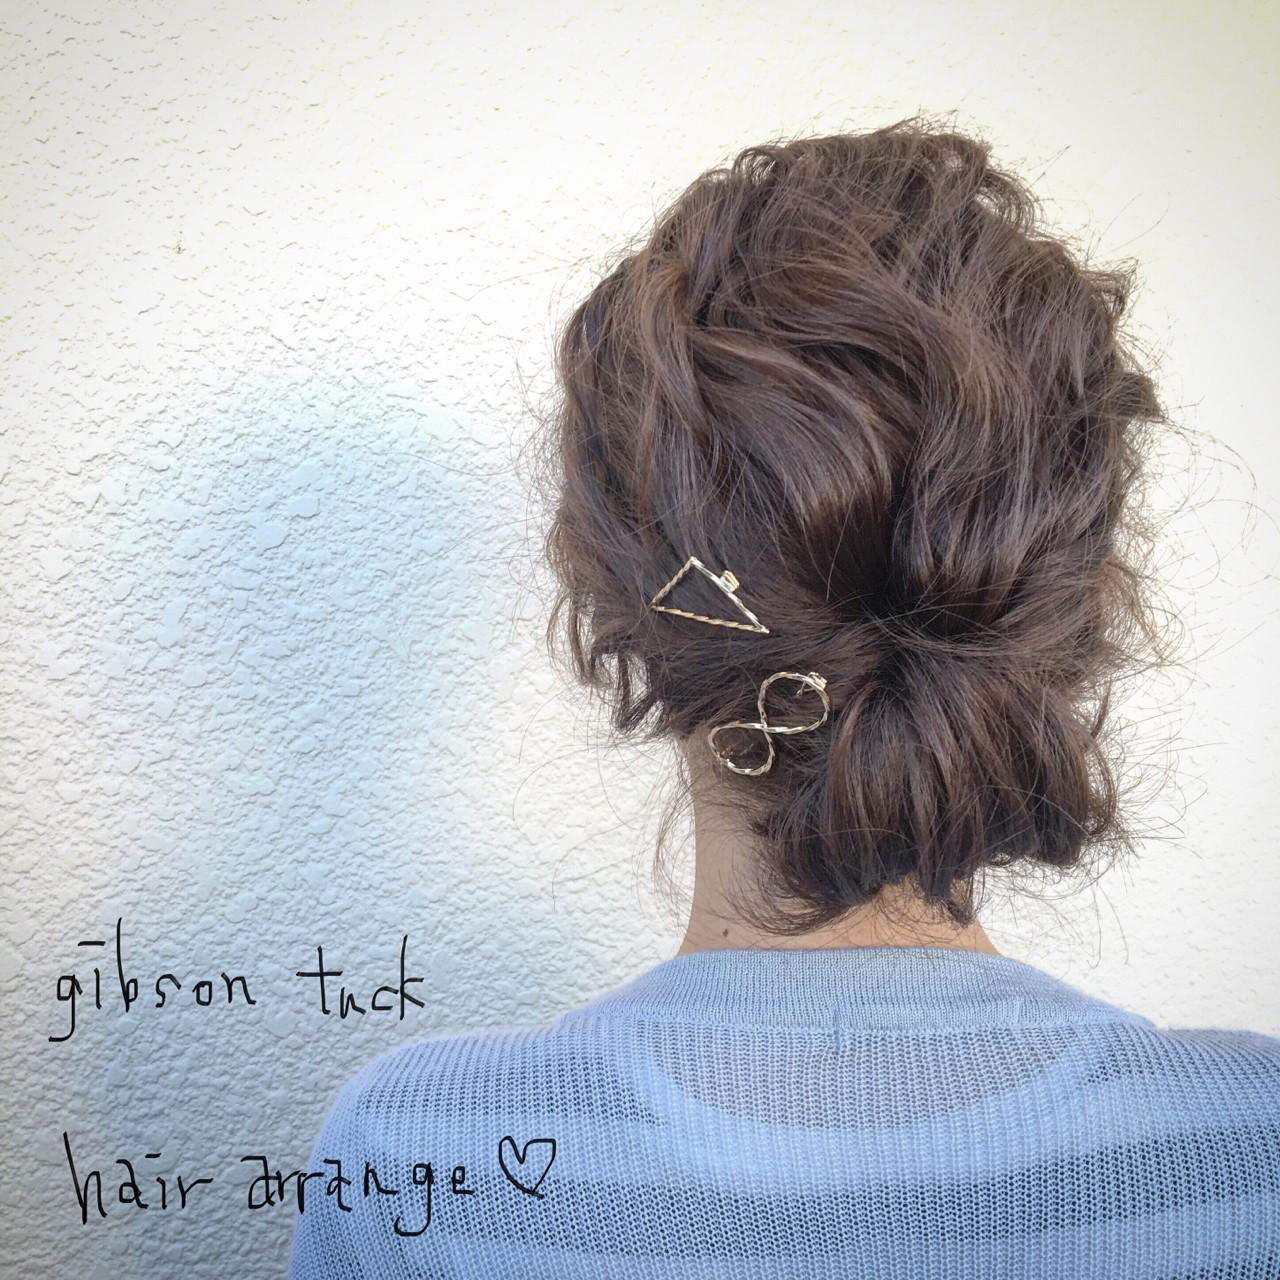 ヘアアレンジ ミディアム ギブソンタック ヘアスタイルや髪型の写真・画像